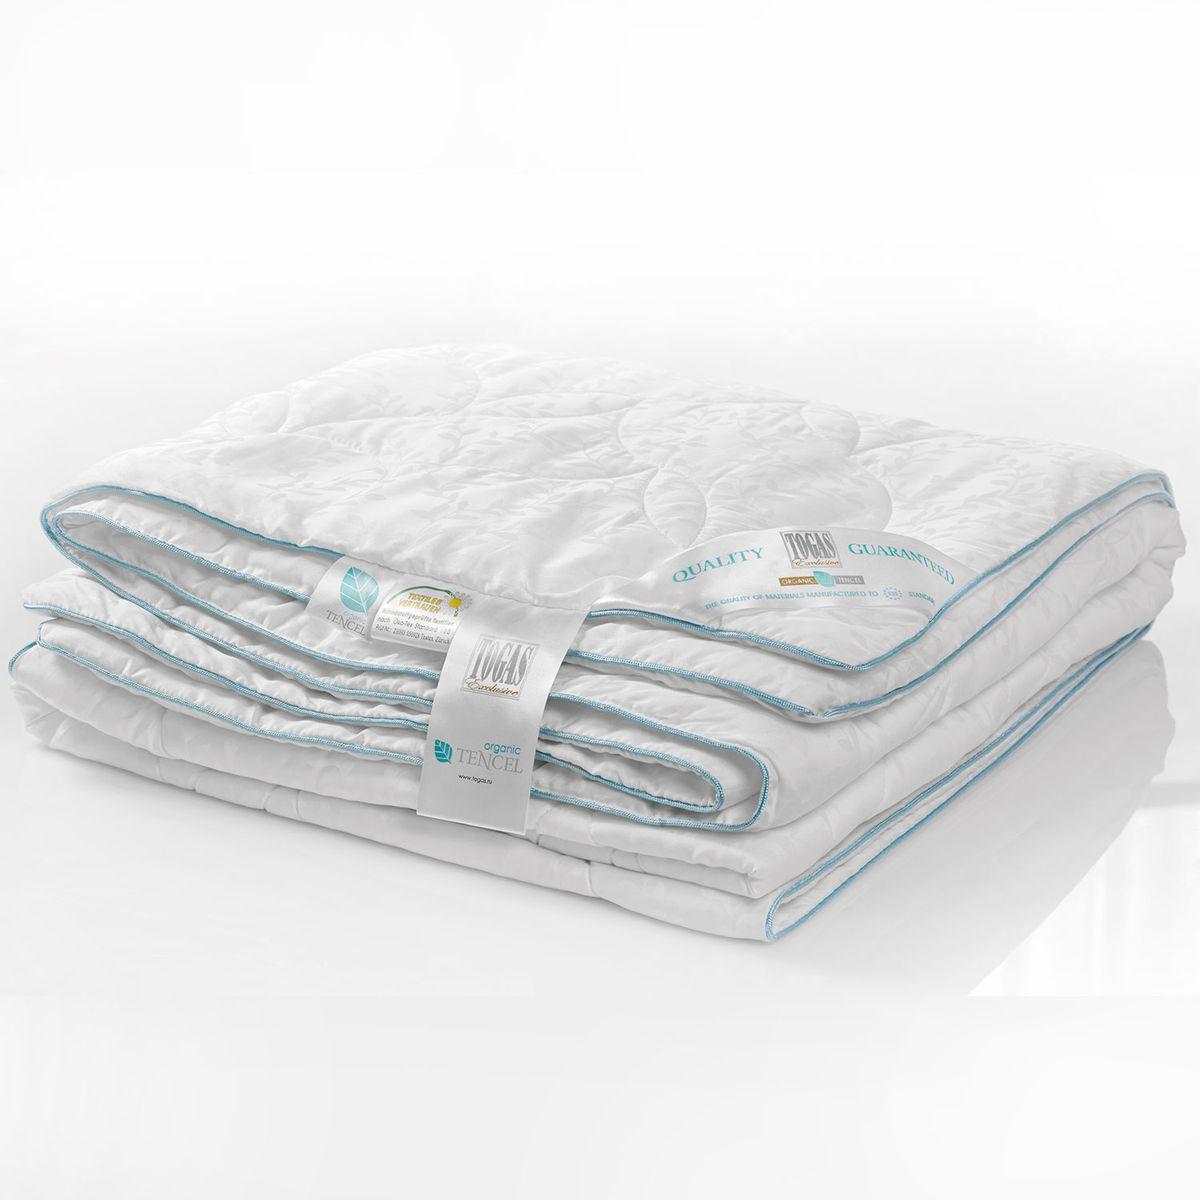 Одеяло Органик тенсель эвкалиптовое волокно в ткани тенсель, 200 х 210 см. 20.04.12.0059531-105Состав: чехол - 100% жаккард тенсель; наполнитель - 100% тенсель. Детали: одеяло каростепное, классический крой, двойная отстрочка, окантовка голубым шнуром, чехол с растительным жаккардовым рисунком, наполнитель - тенсель. Уход: рекомендована сухая чистка. Возможна машинная стирка в домашних условиях в теплой воде (температура не выше 30°С) в деликатном режиме, если есть соответствующее указание в инструкции по уходу. Для длительного хранения и перевозки используйте тканевые сумки-чехлы, в которые одеяло было упаковано при покупке. Регулярно проветривайте одеяла и подушки, желательно на свежем воздухе, но не под прямыми солнечными лучами.